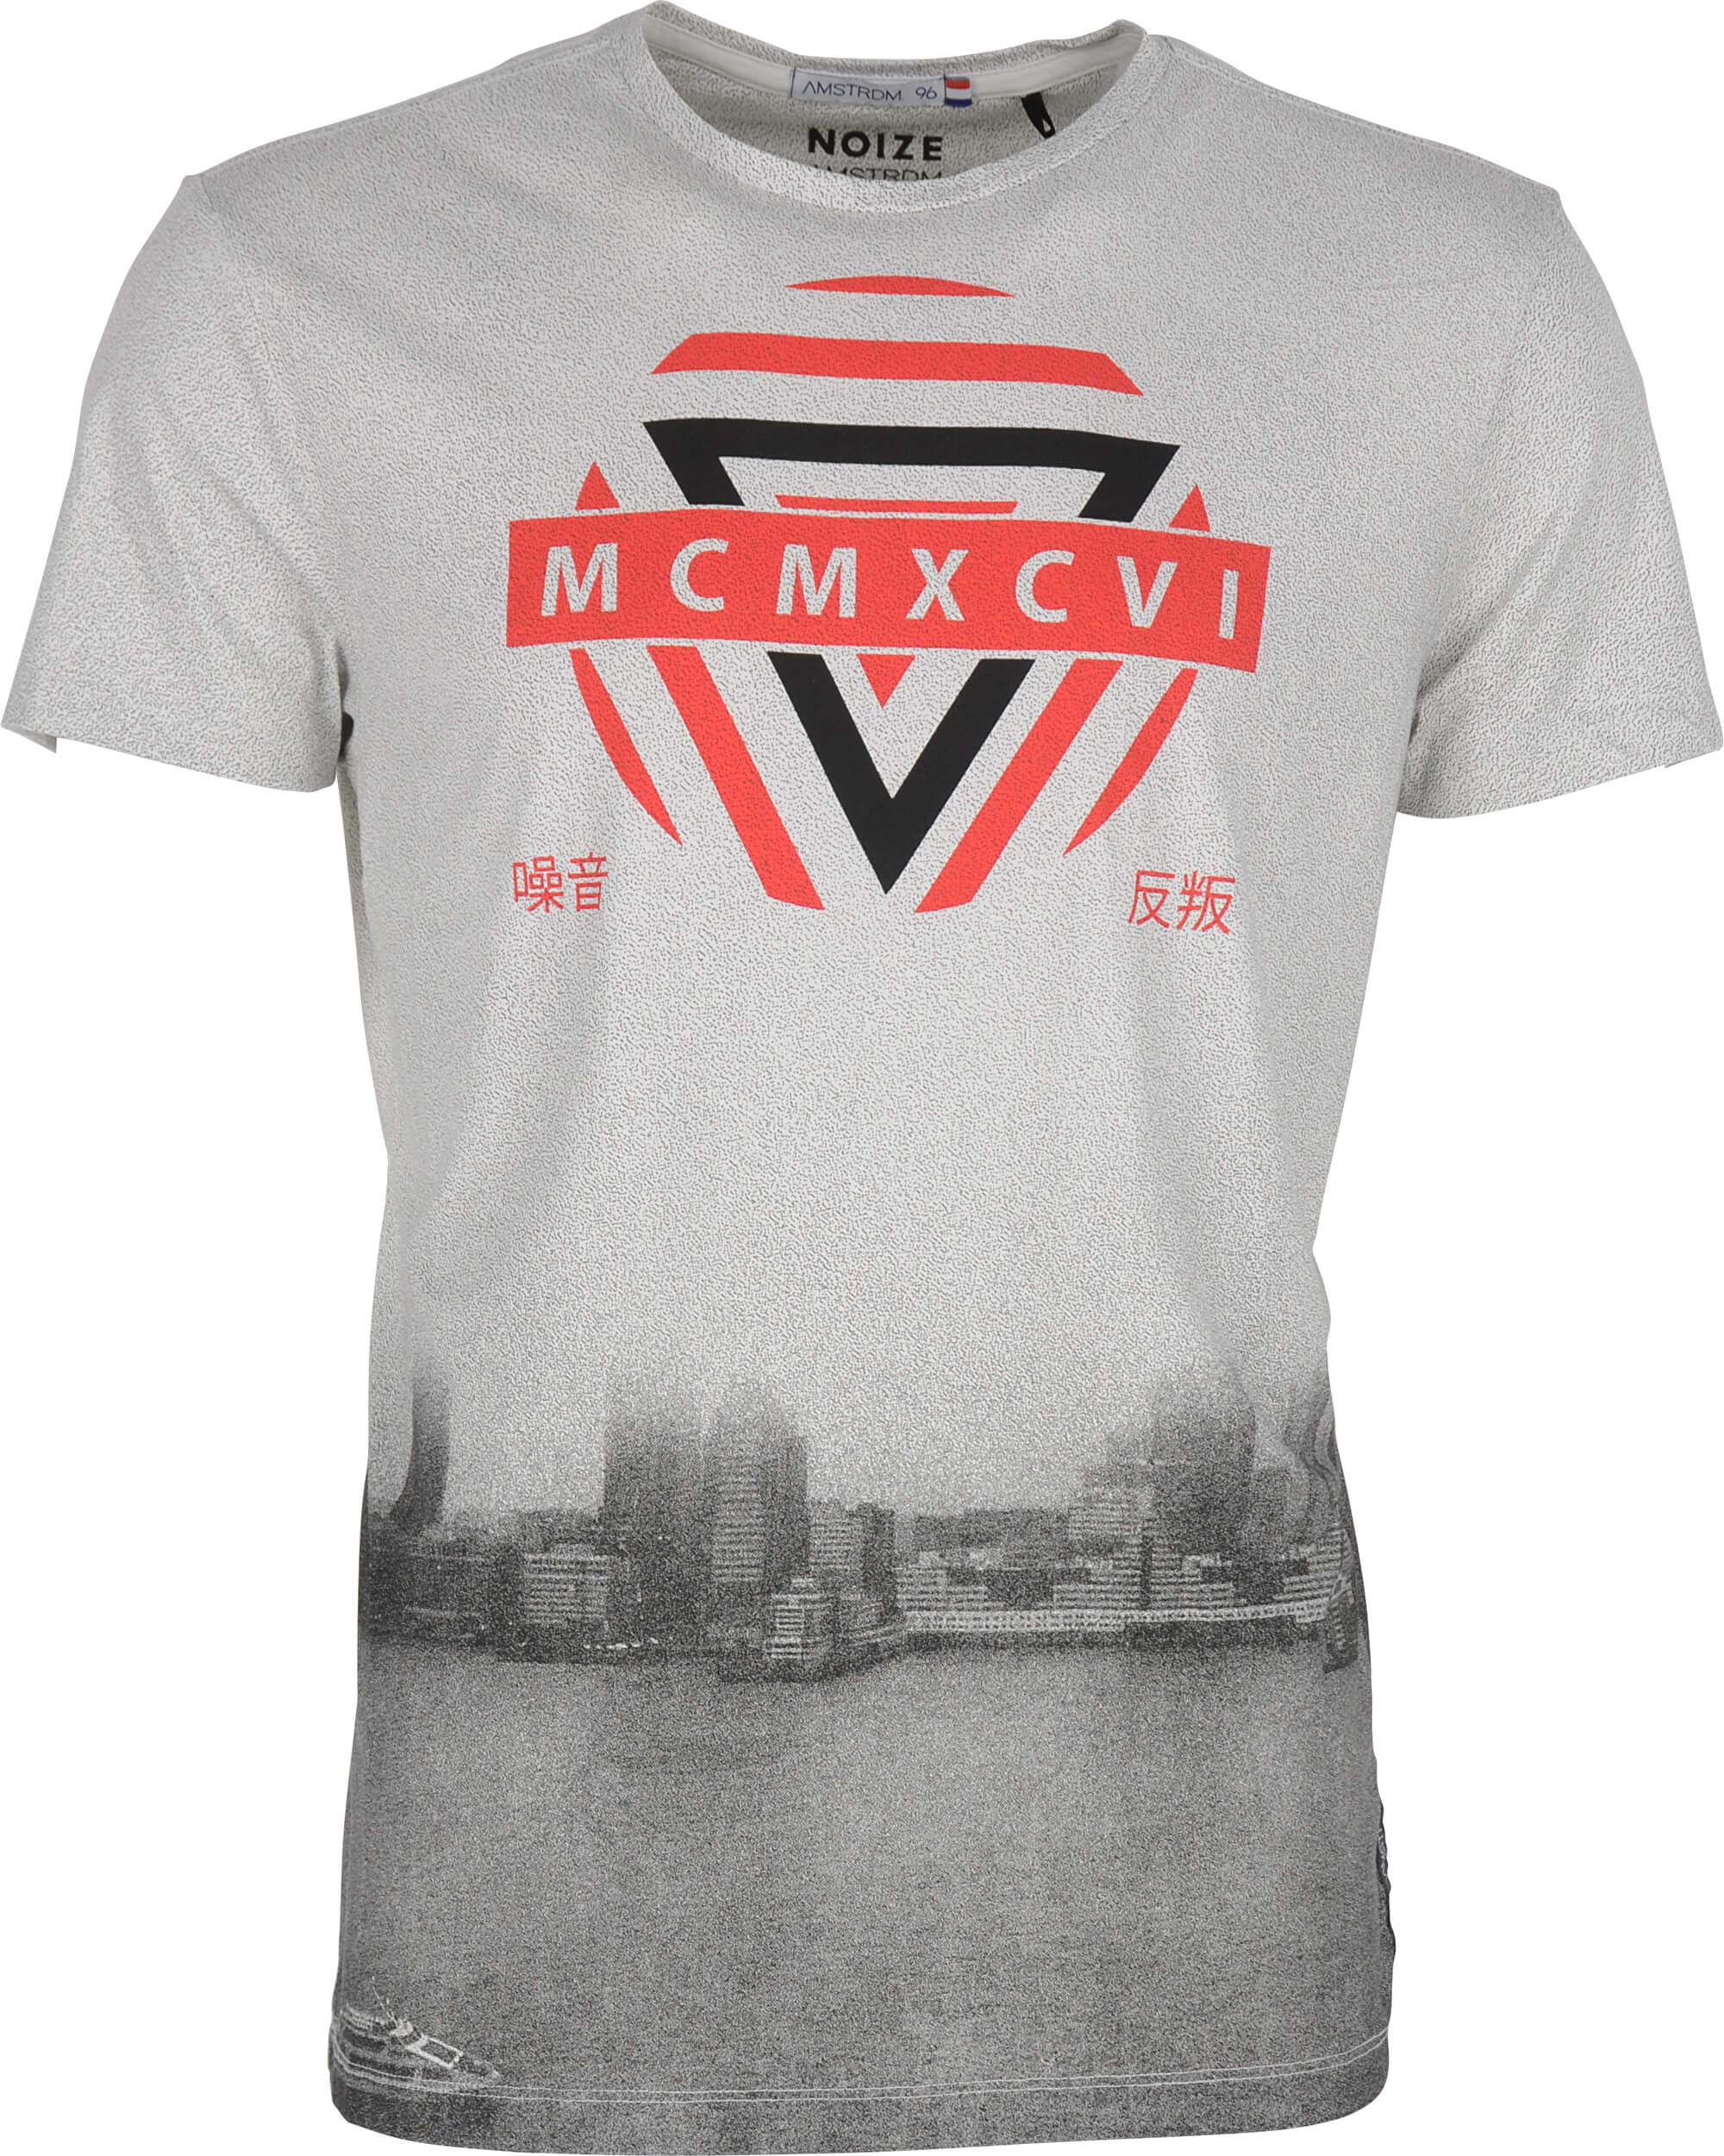 ed6a23a3adda Noize Pánské triko s krátkým rukávem Cement 4436100-00